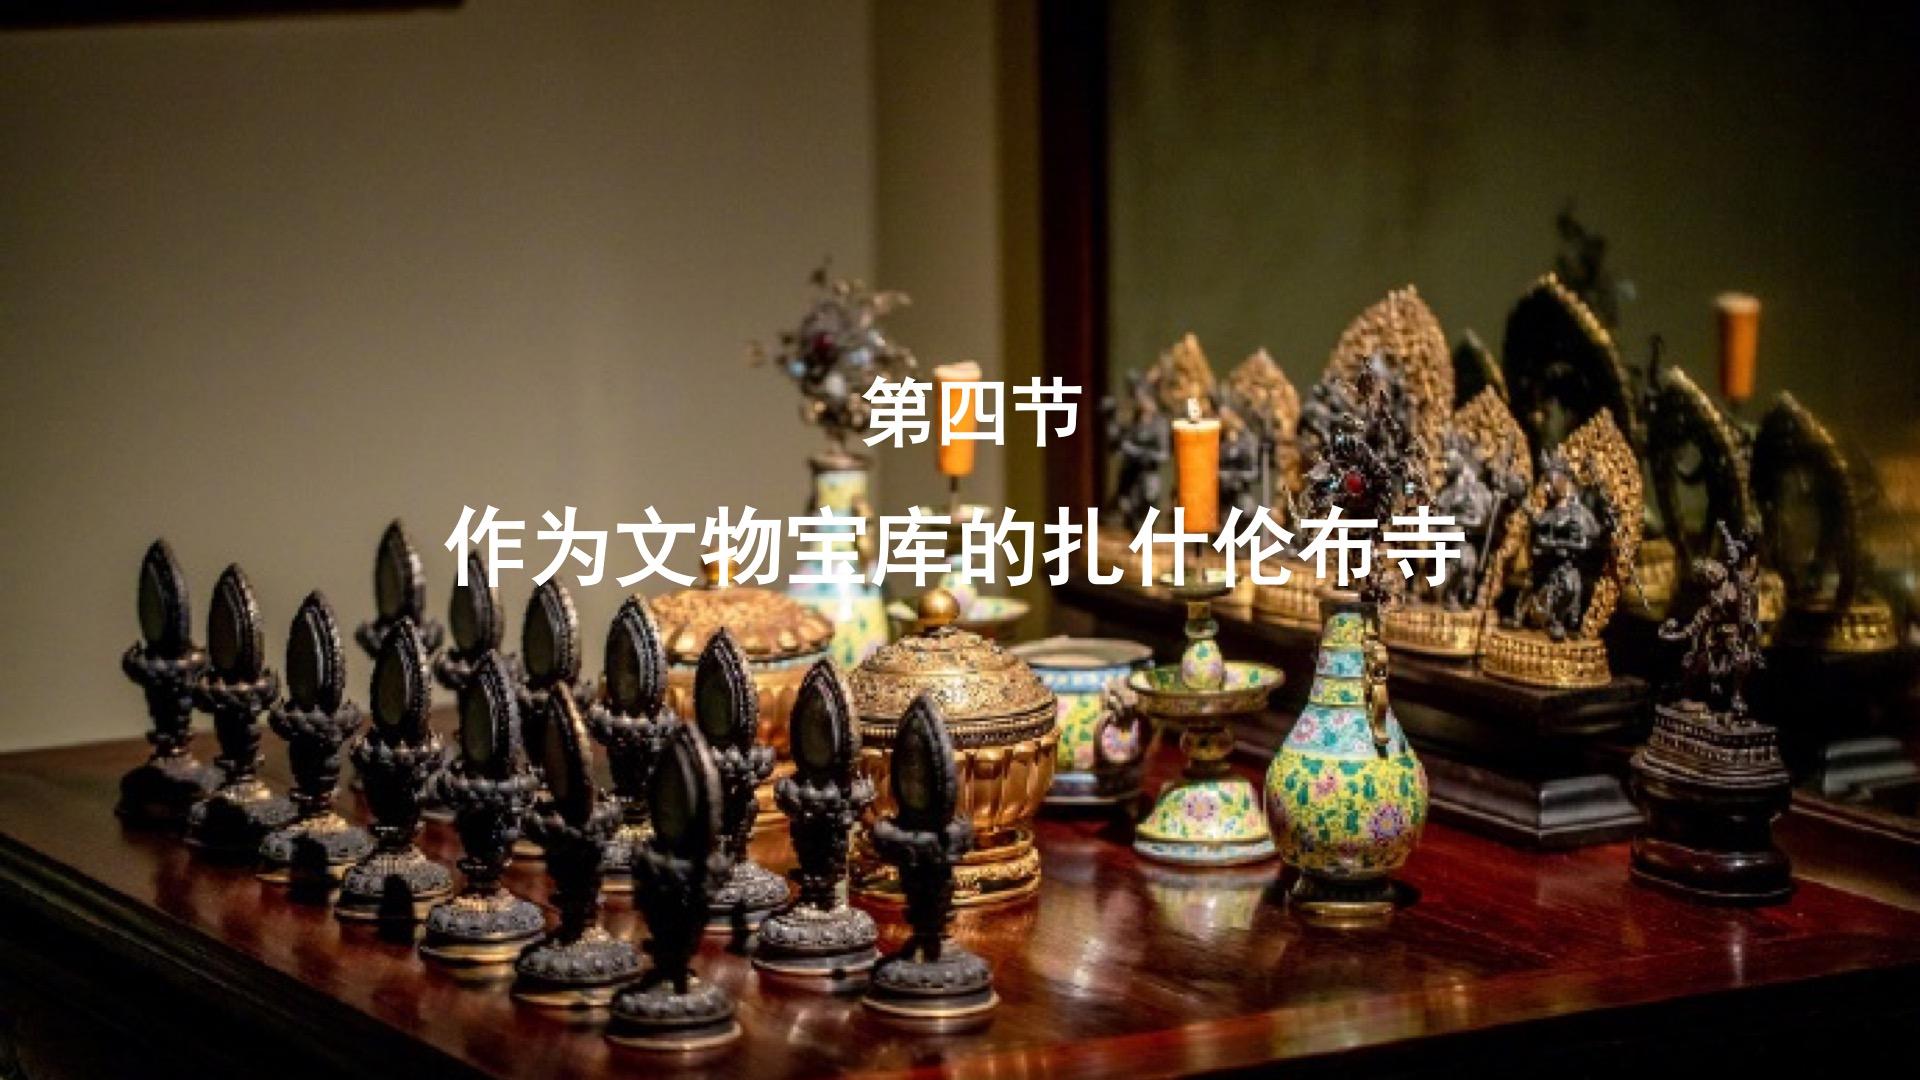 第四節:作為文物寶庫的扎什倫布寺